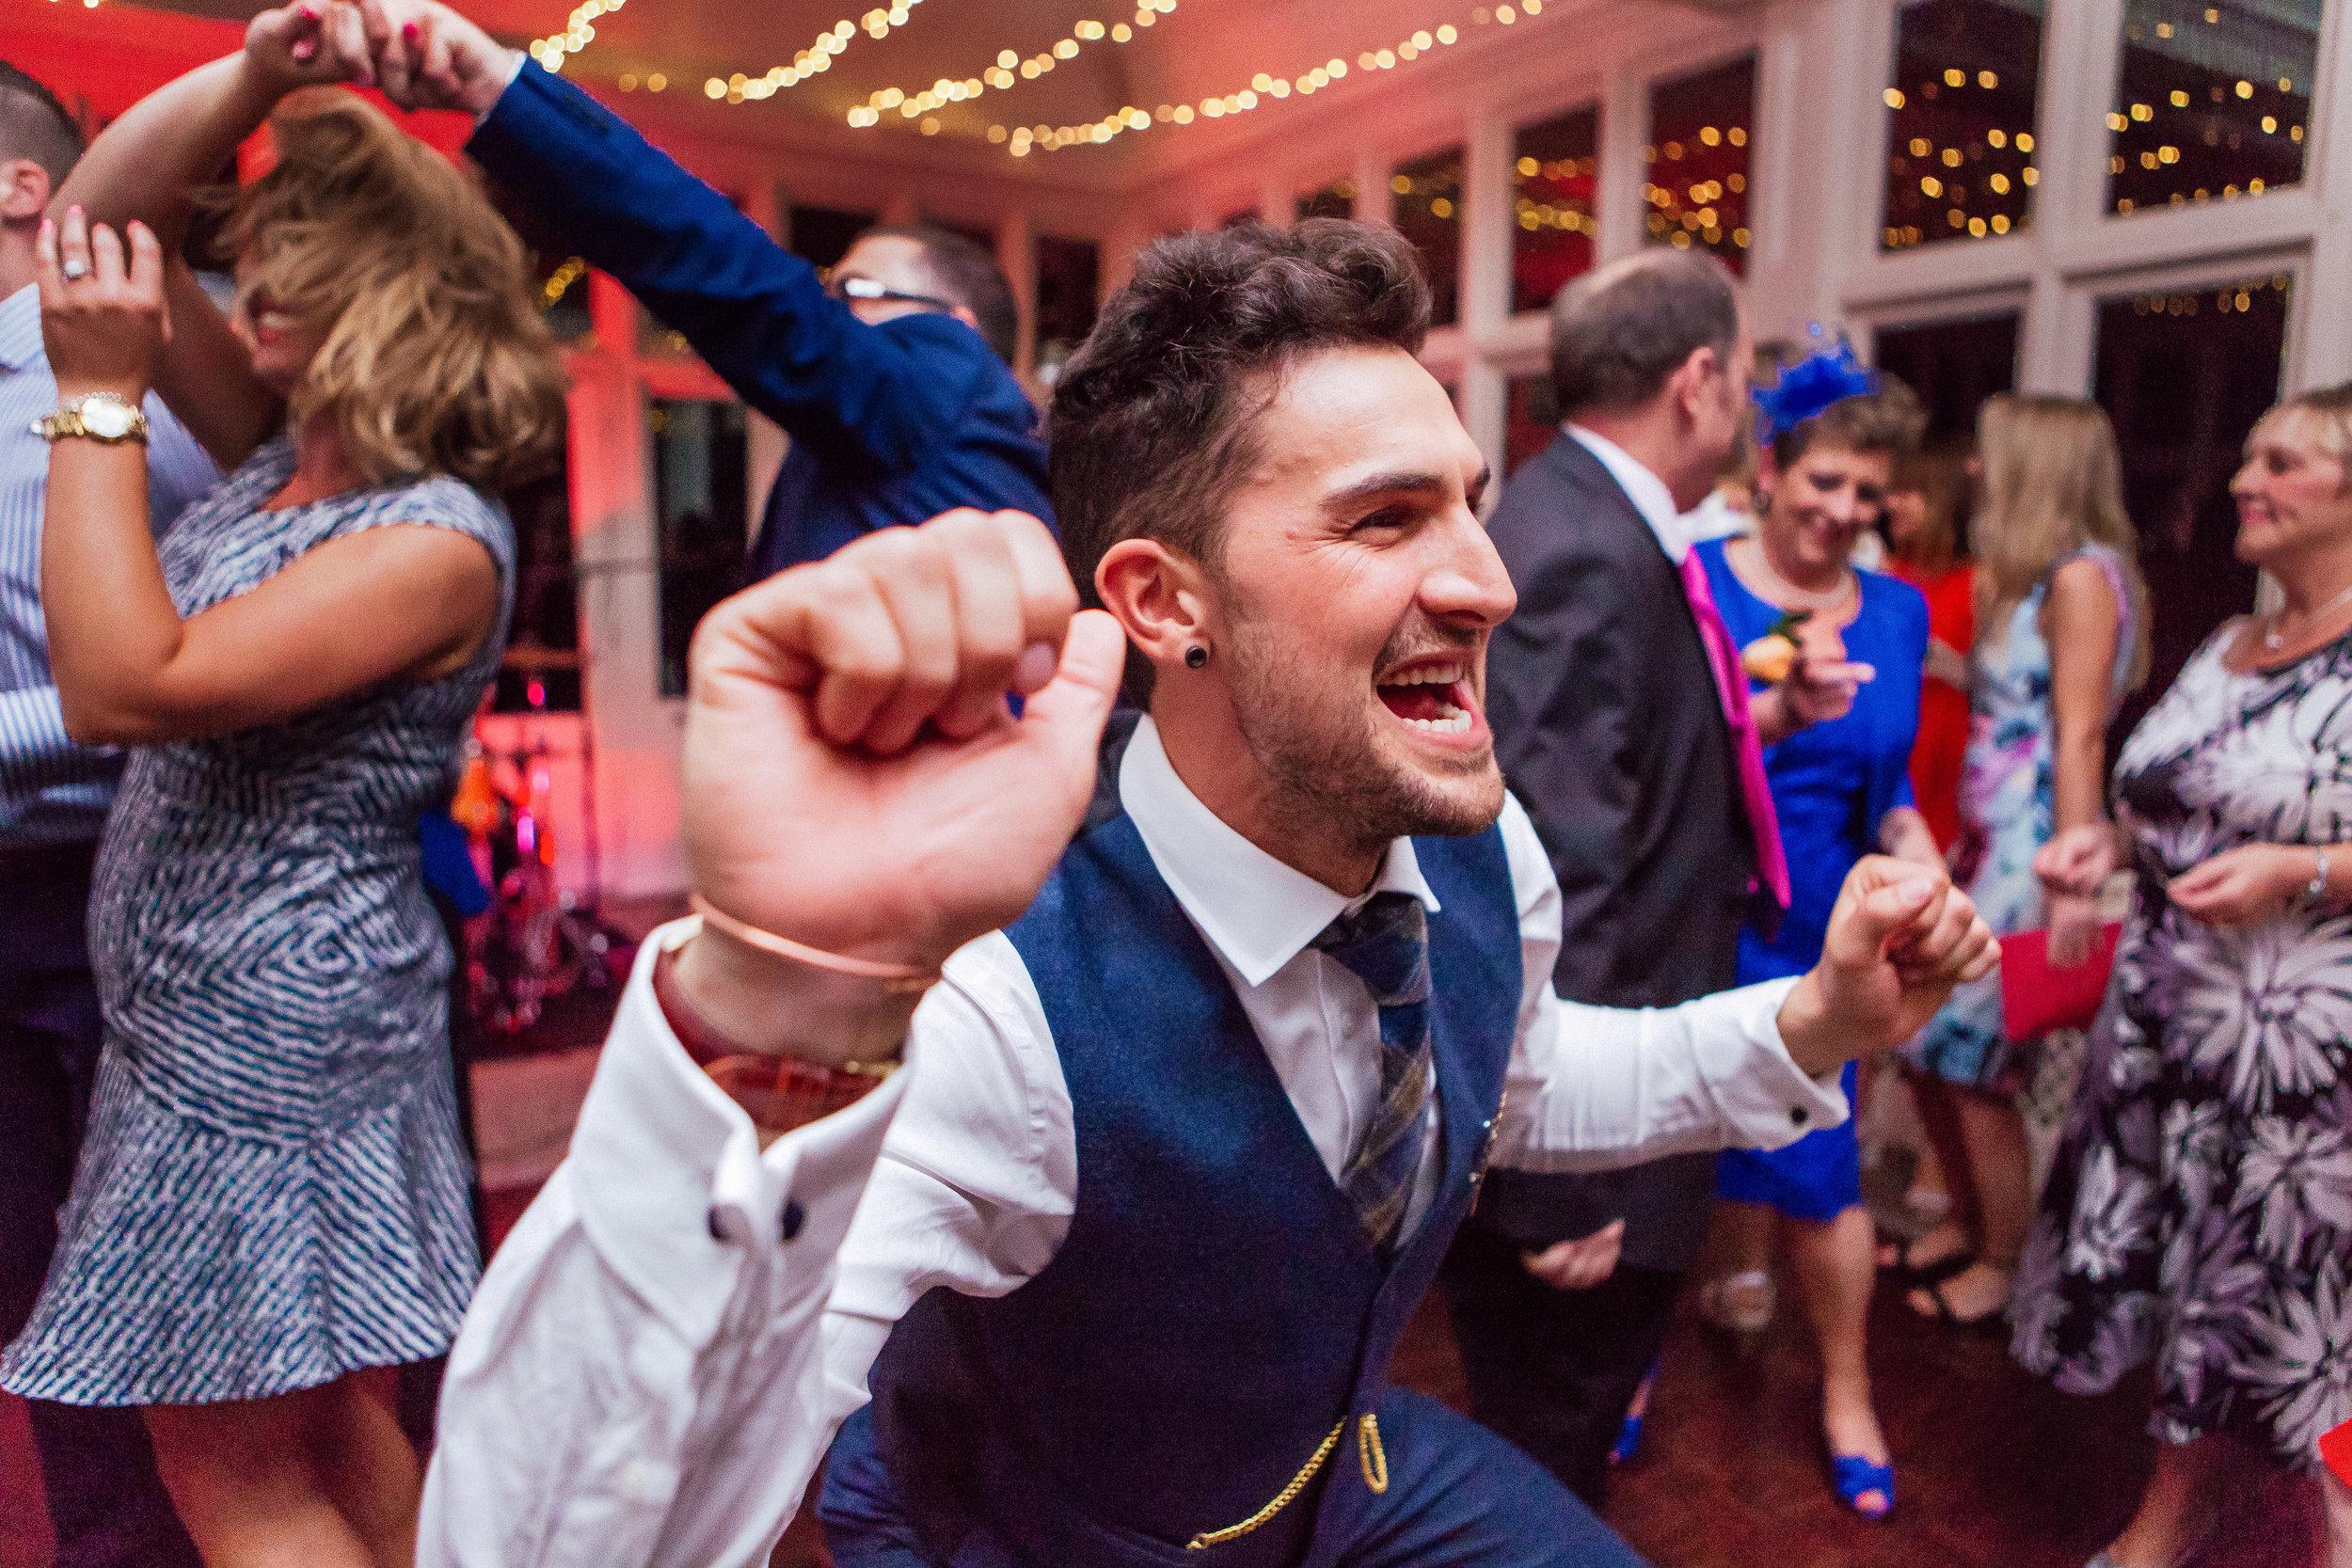 Wedding dancefloor - the elvetham fleet Hampshire - Amy James photography - documentary wedding photographer Hampshire